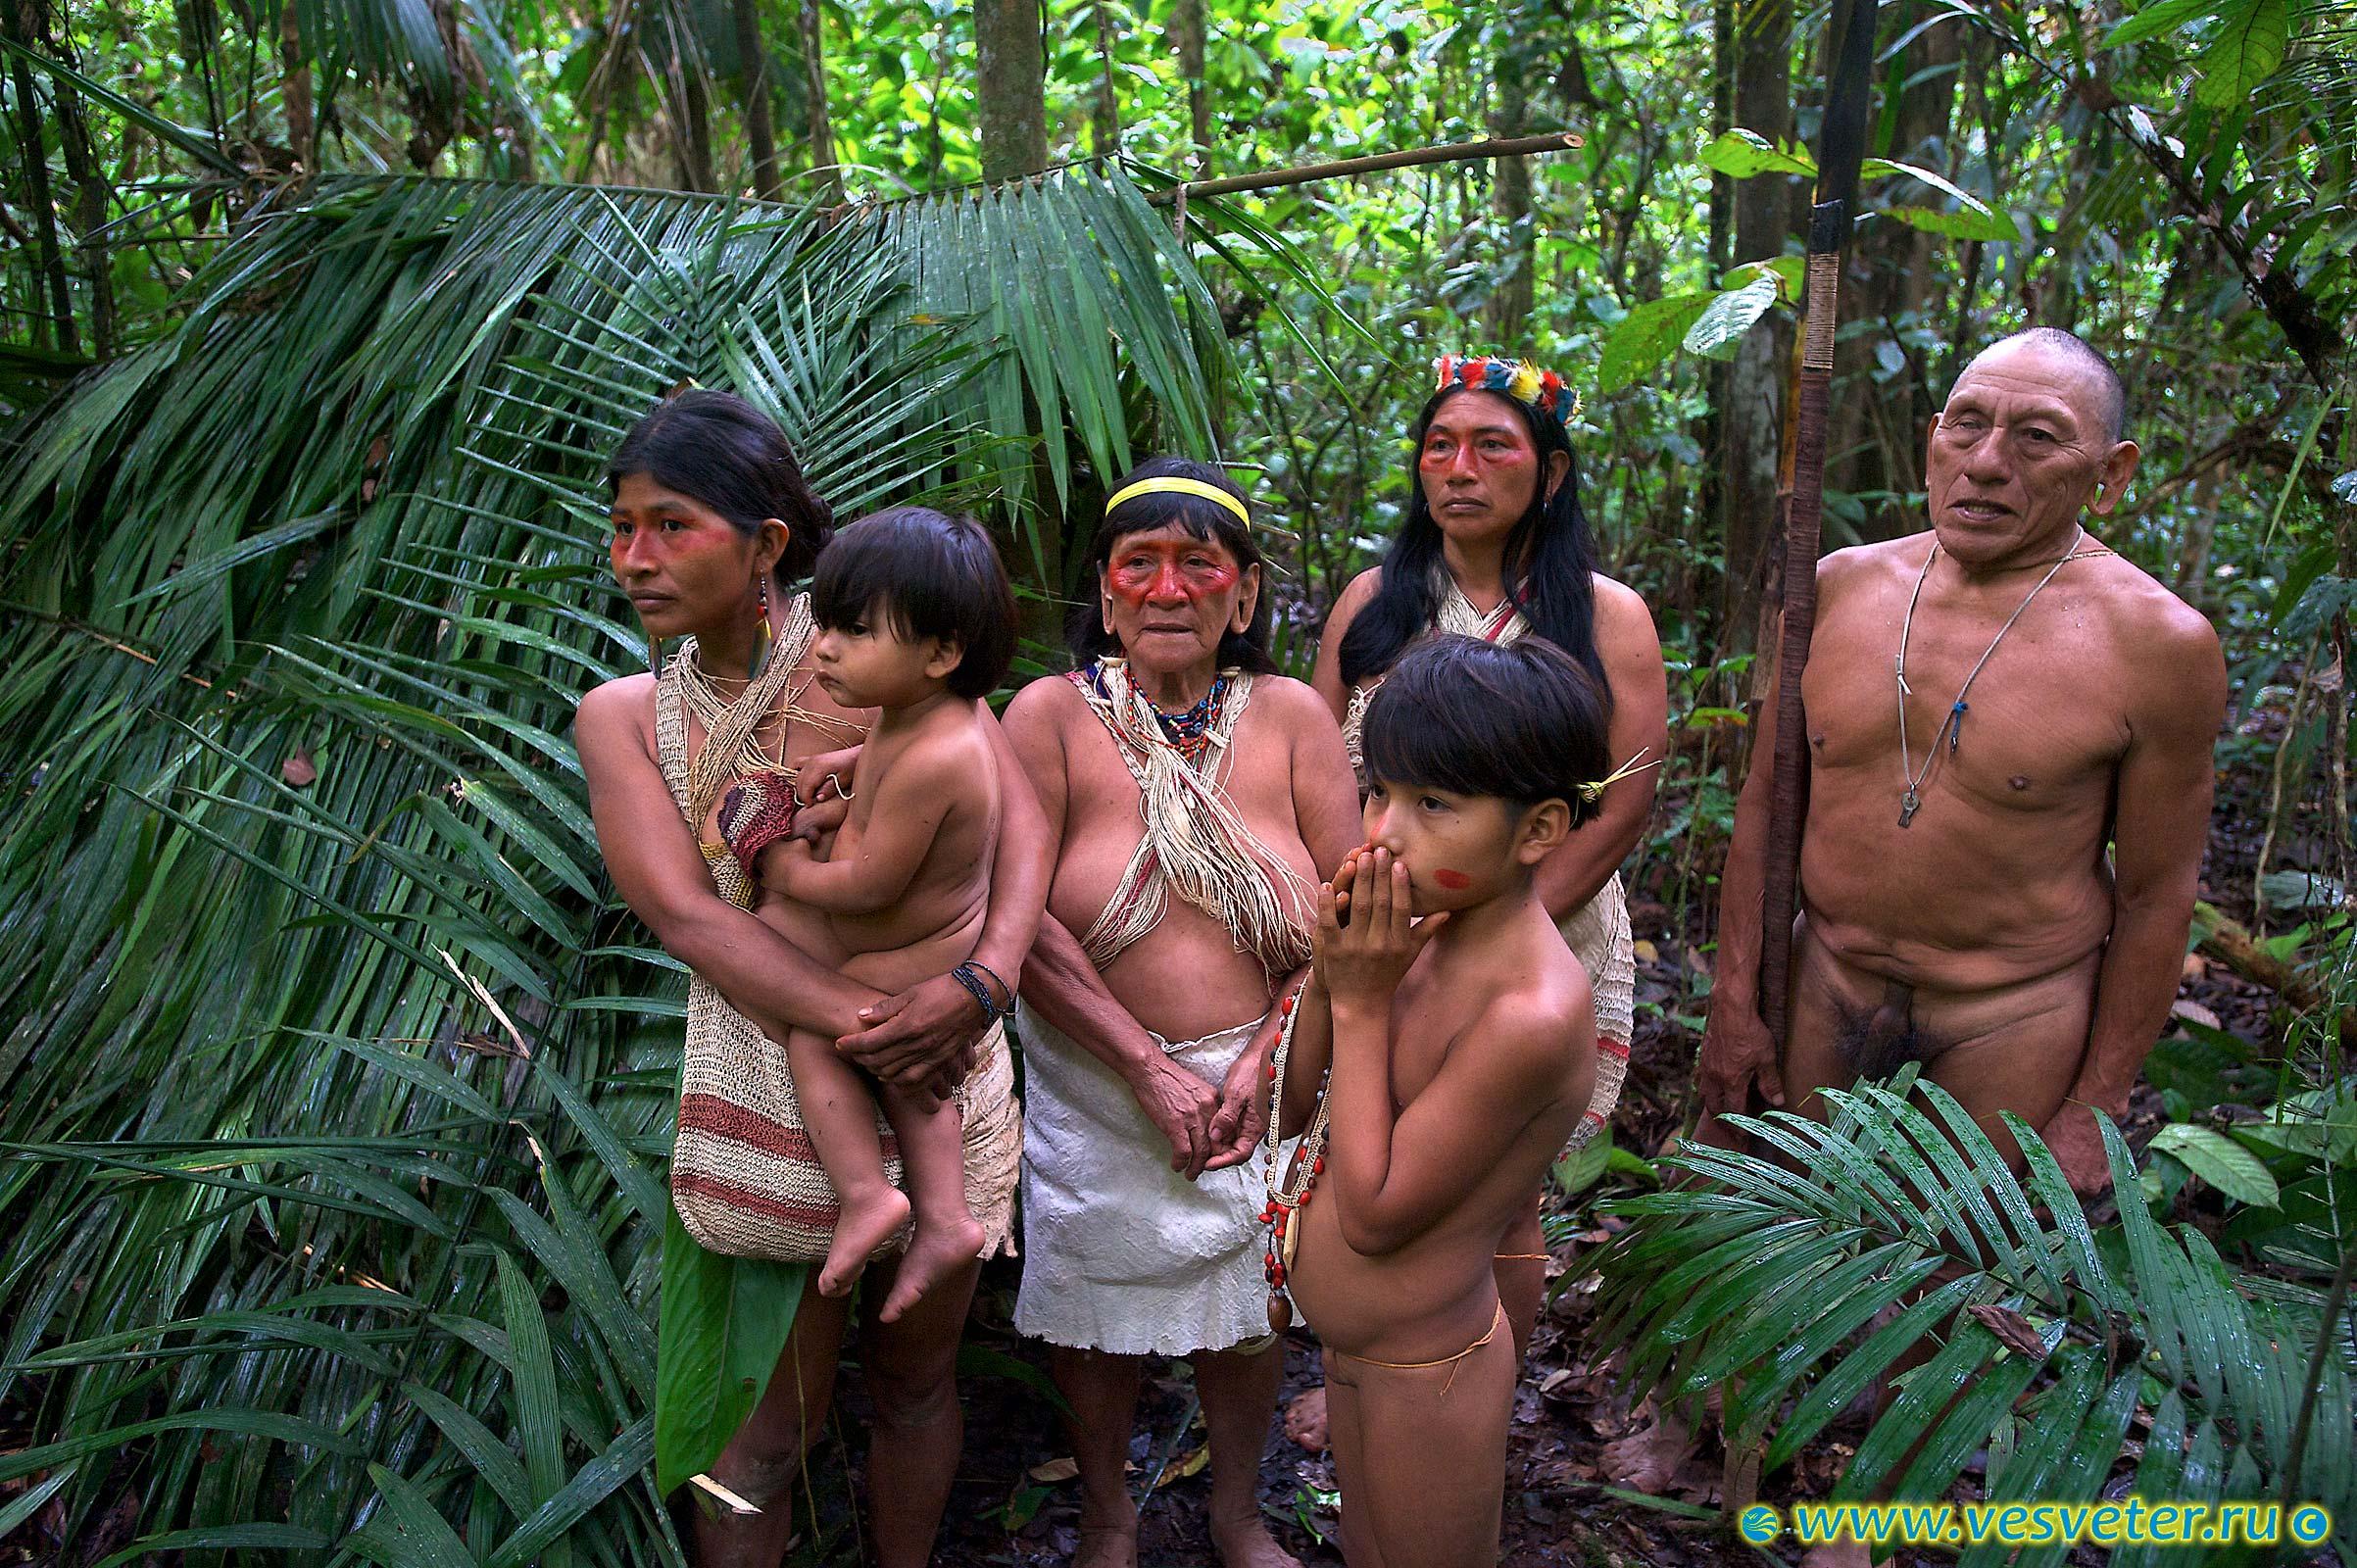 Порно дикого народа смотреть онлайн из джунглей